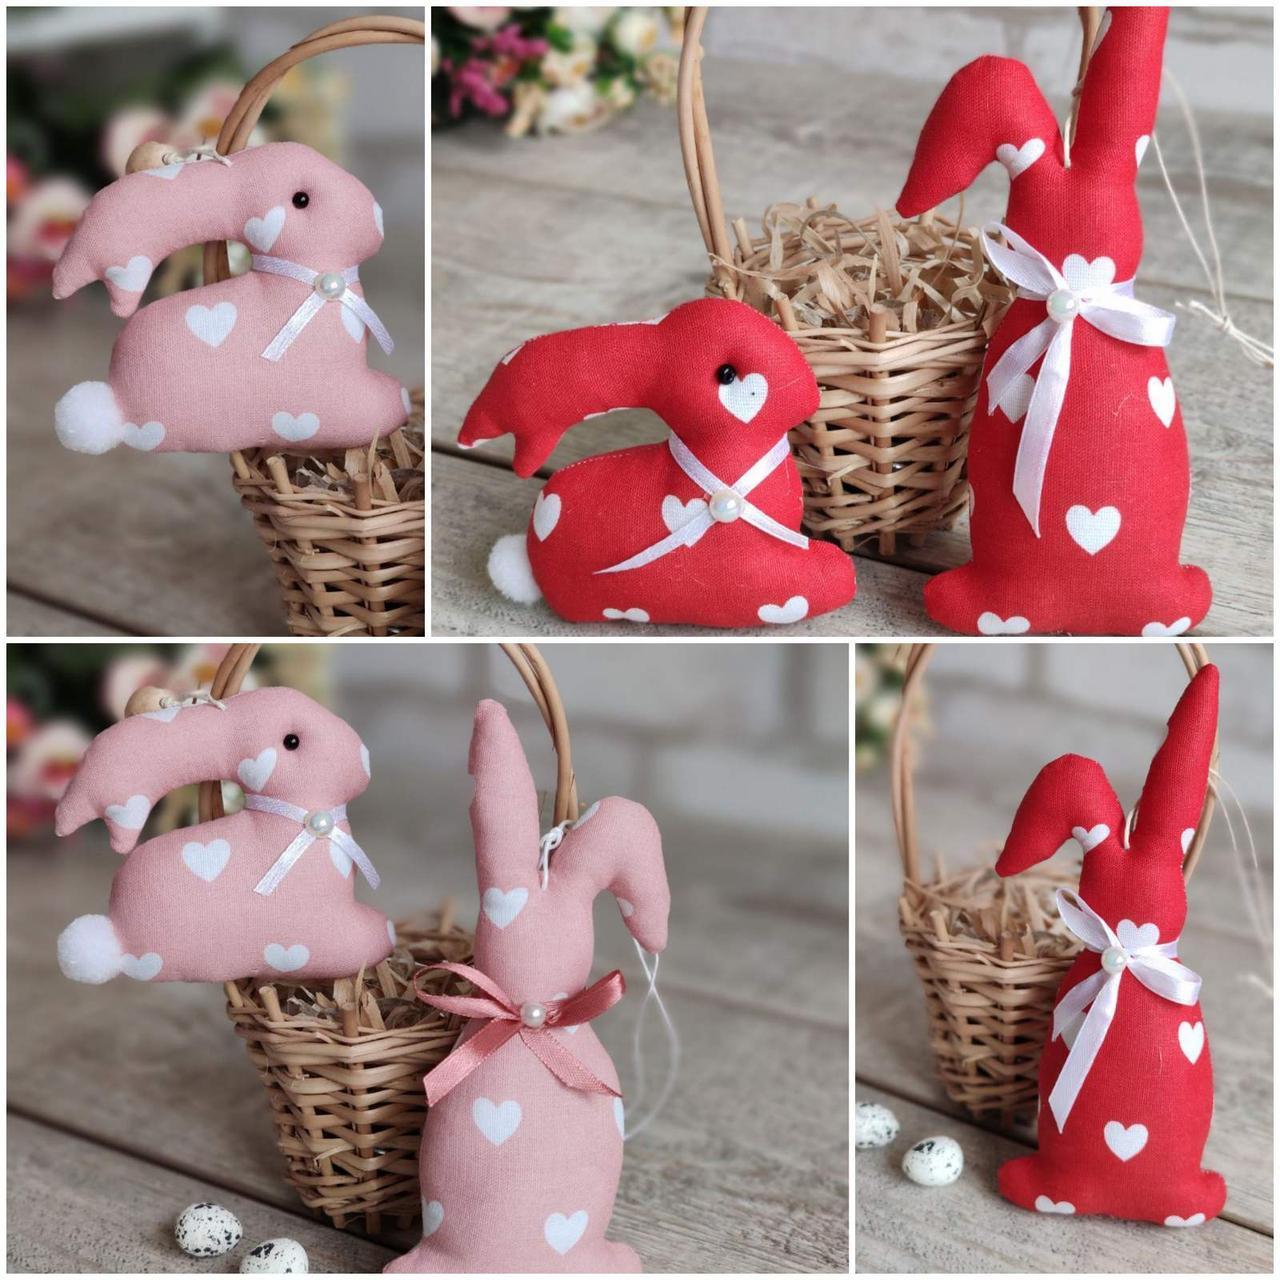 Комплект пасхальних кроликів, для віночка, для корзини, для декору, вис. 8 і 16 см., 90/75 (ціна за1шт+15гр)